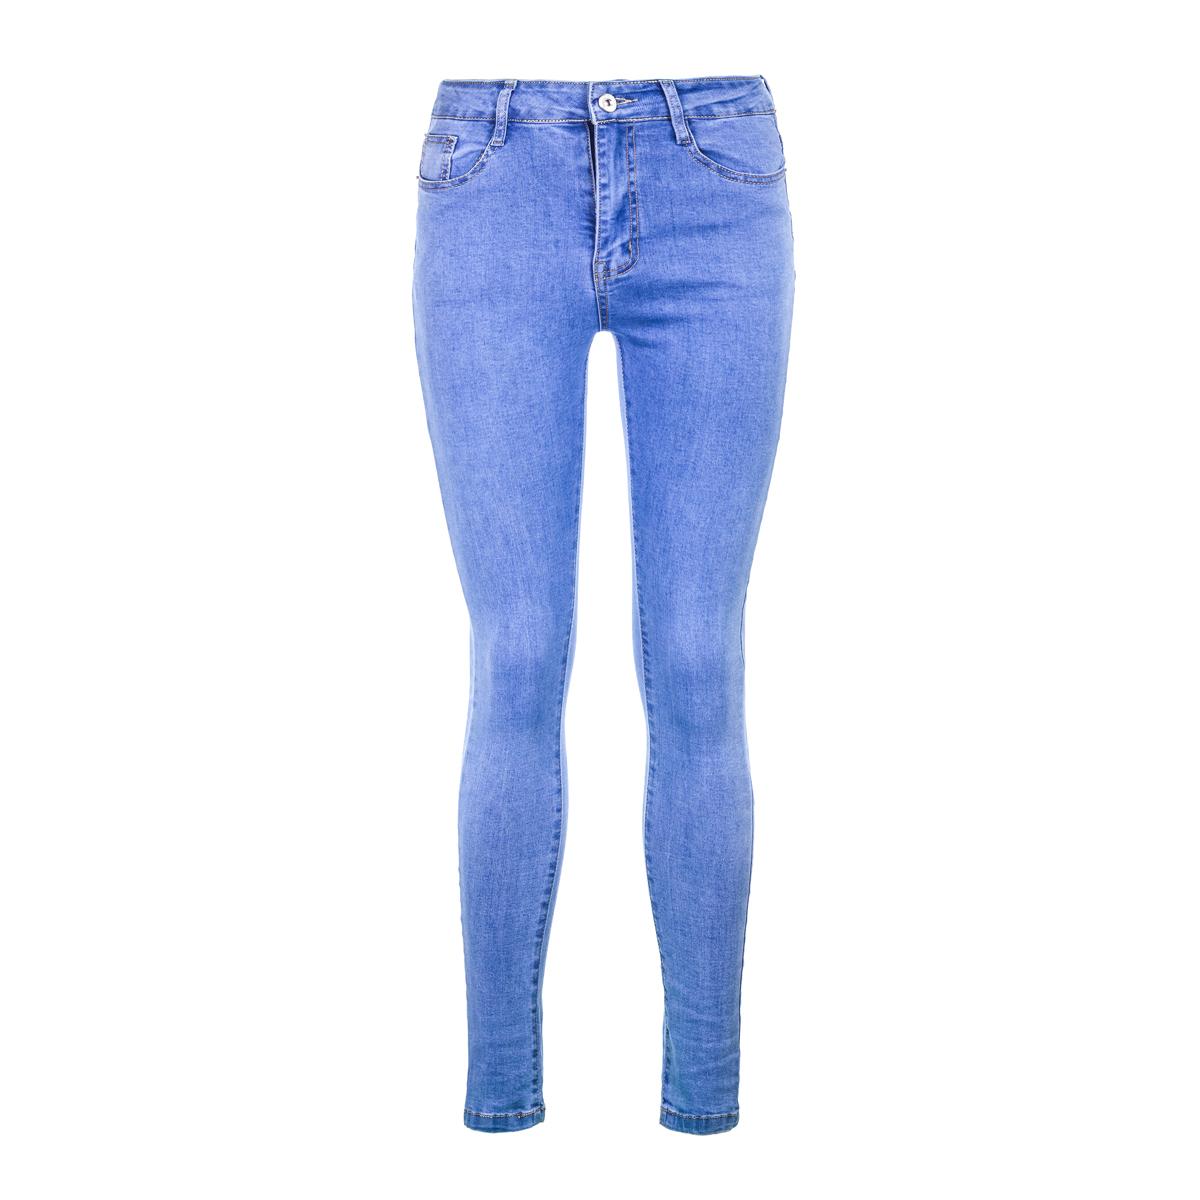 Жен. джинсы арт. 12-0155 Голубой р. 26